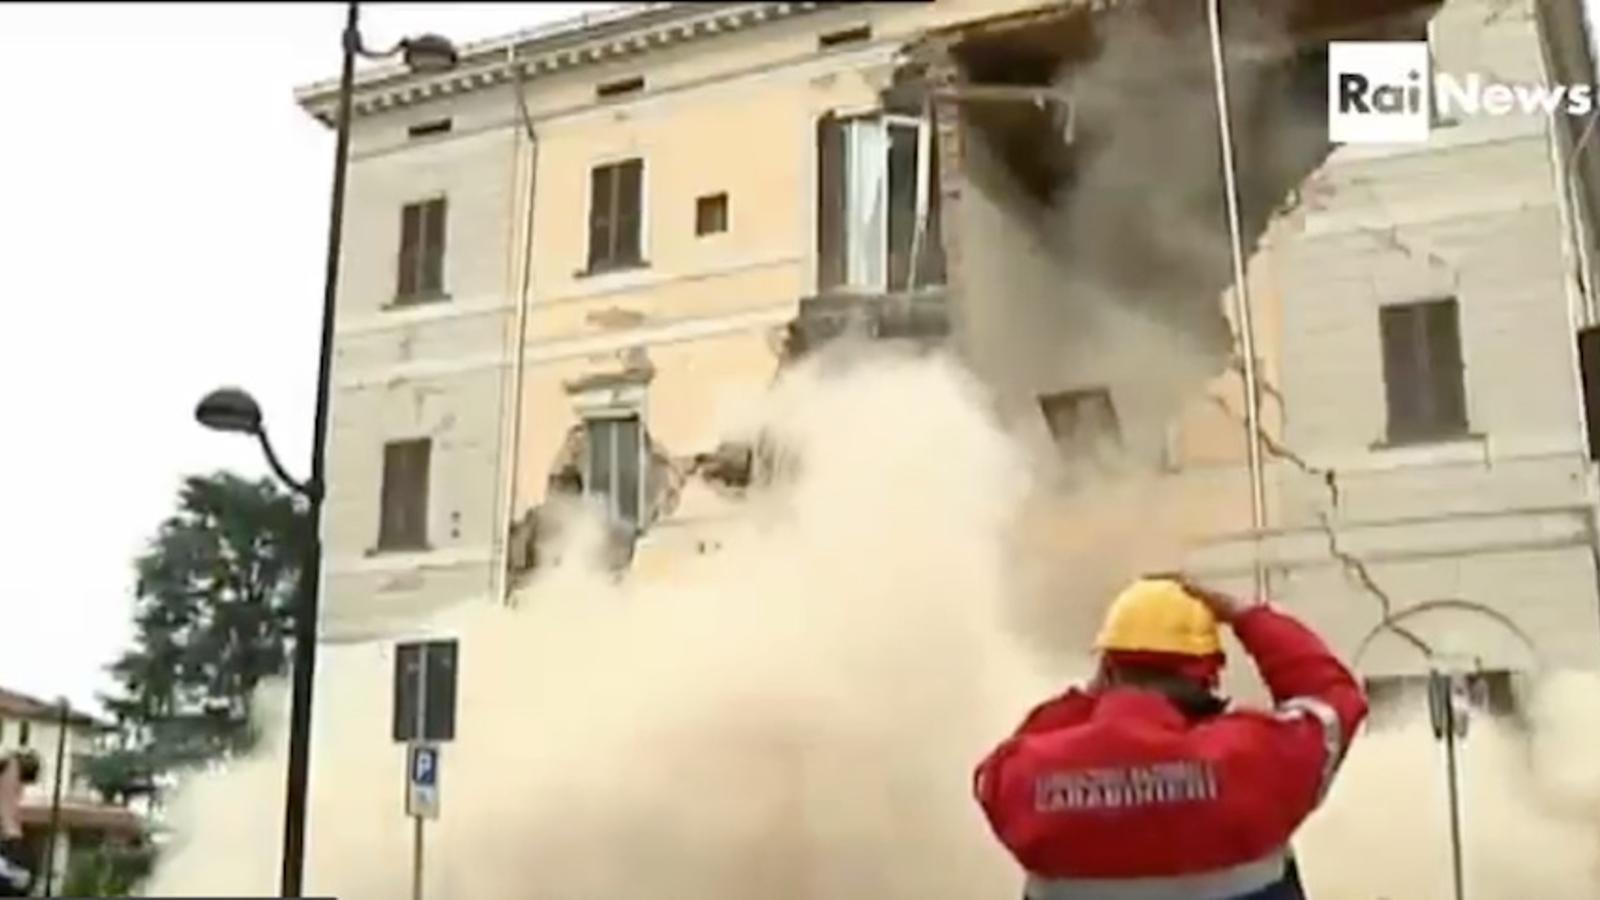 Les destrosses del terratrèmol a Sant'Agostino